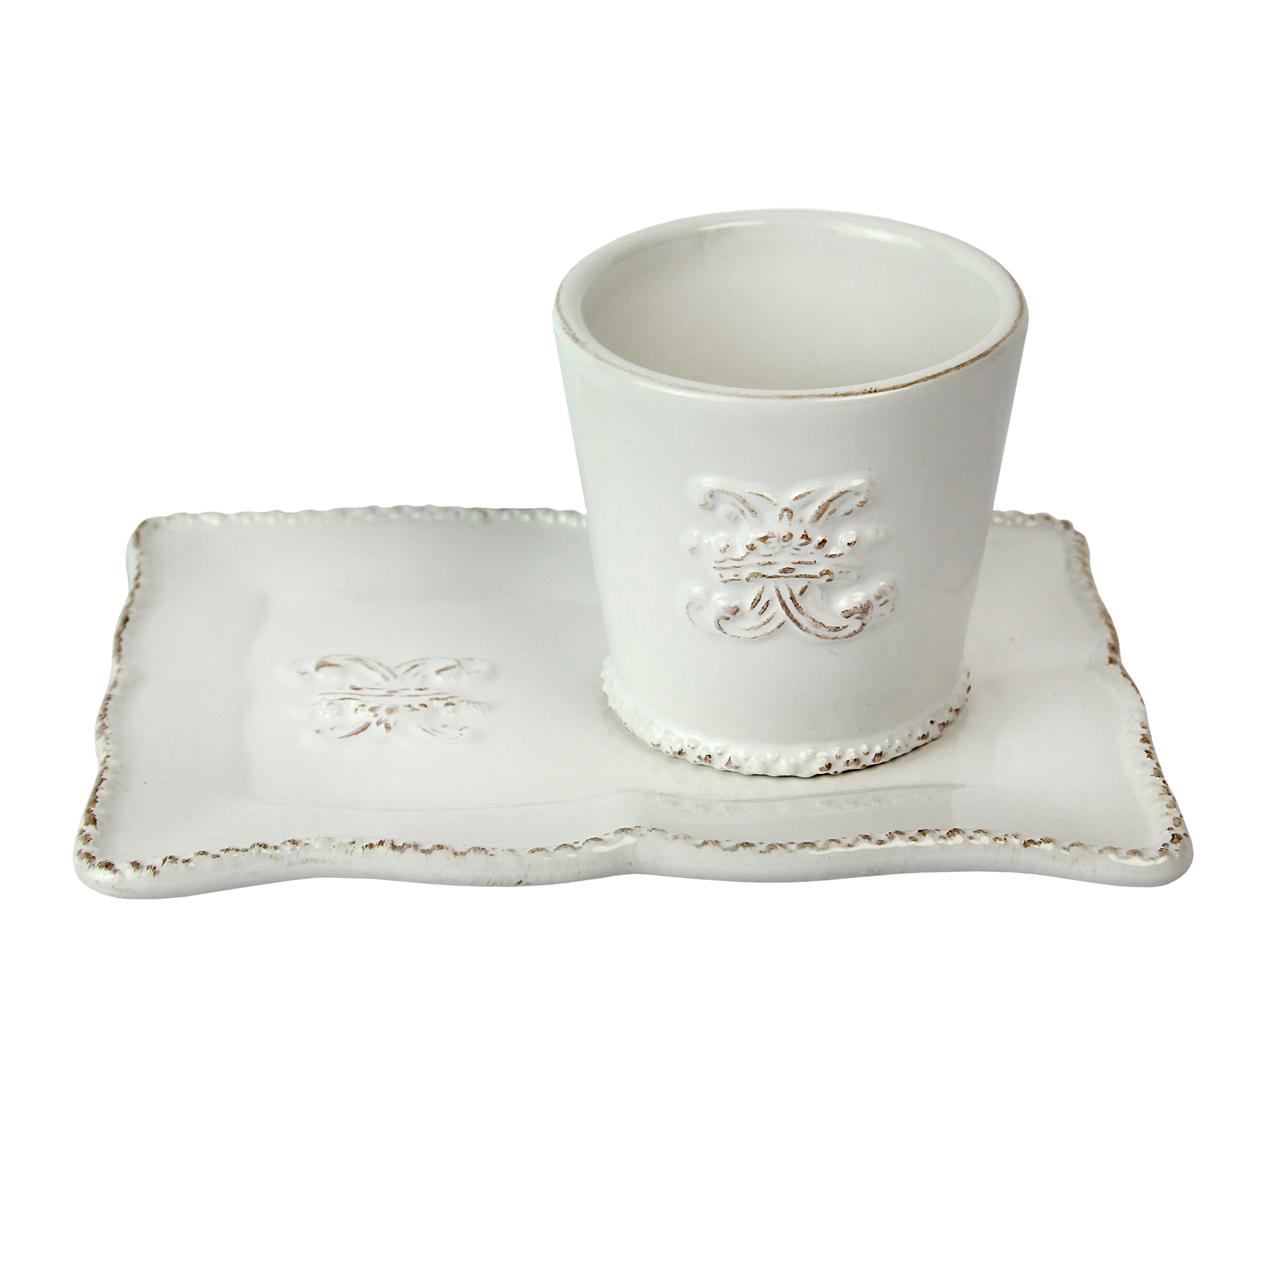 Cana Cu Farfurie Dreptunghiulara Din Ceramica Alba